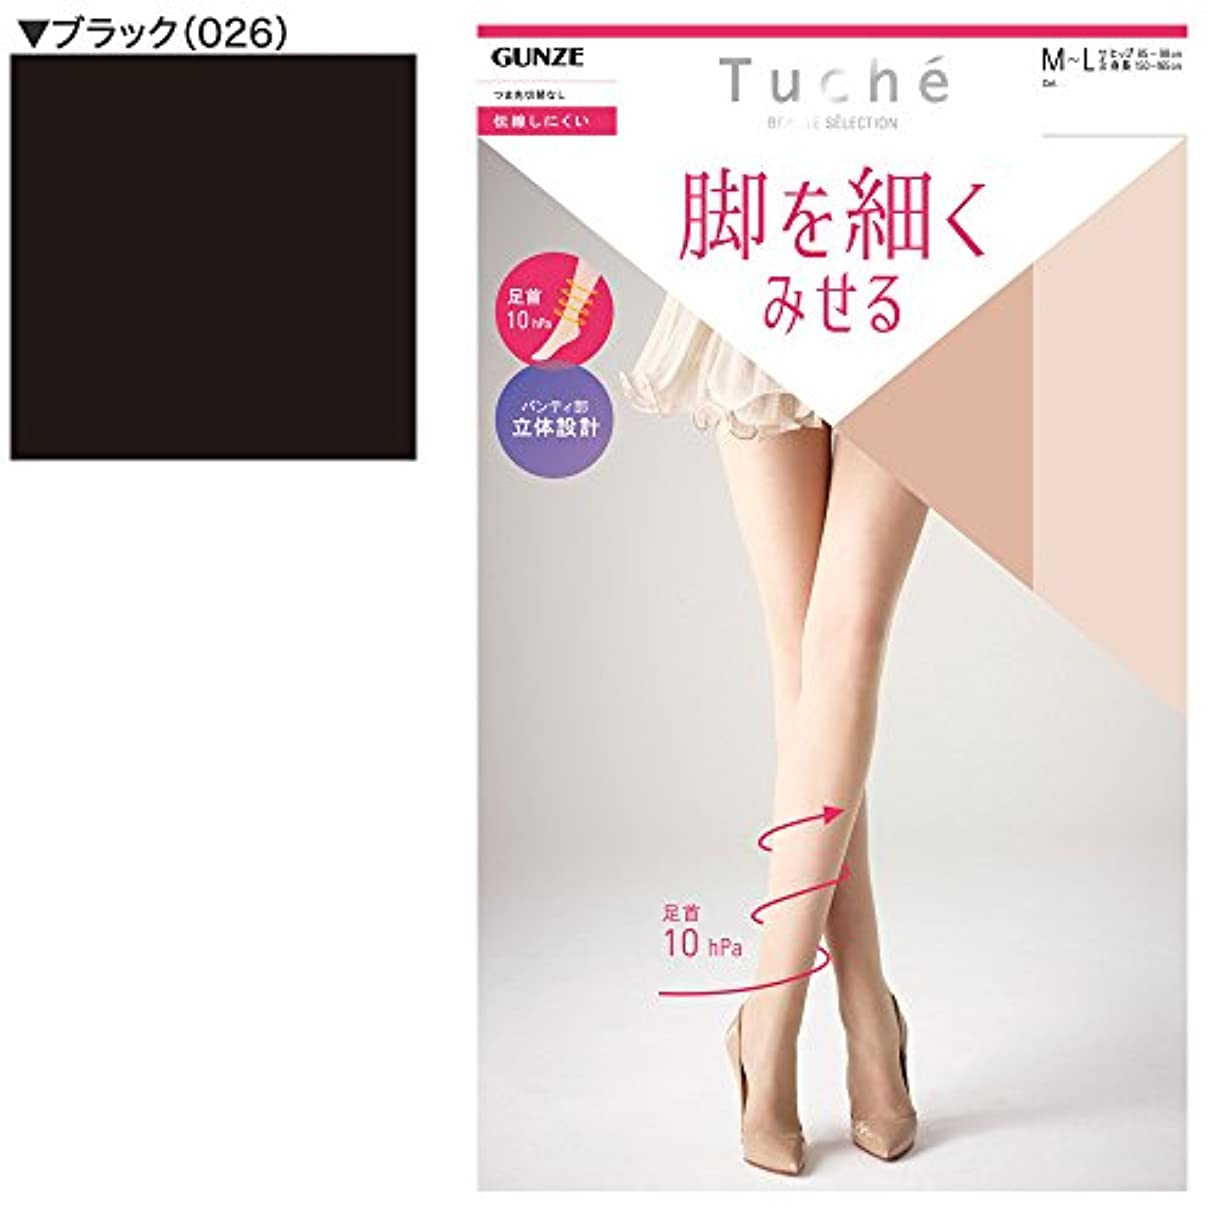 治す作り上げる公平なグンゼ トゥシェ 脚を細く見せる パンティ部立体設計 ブラックM-L